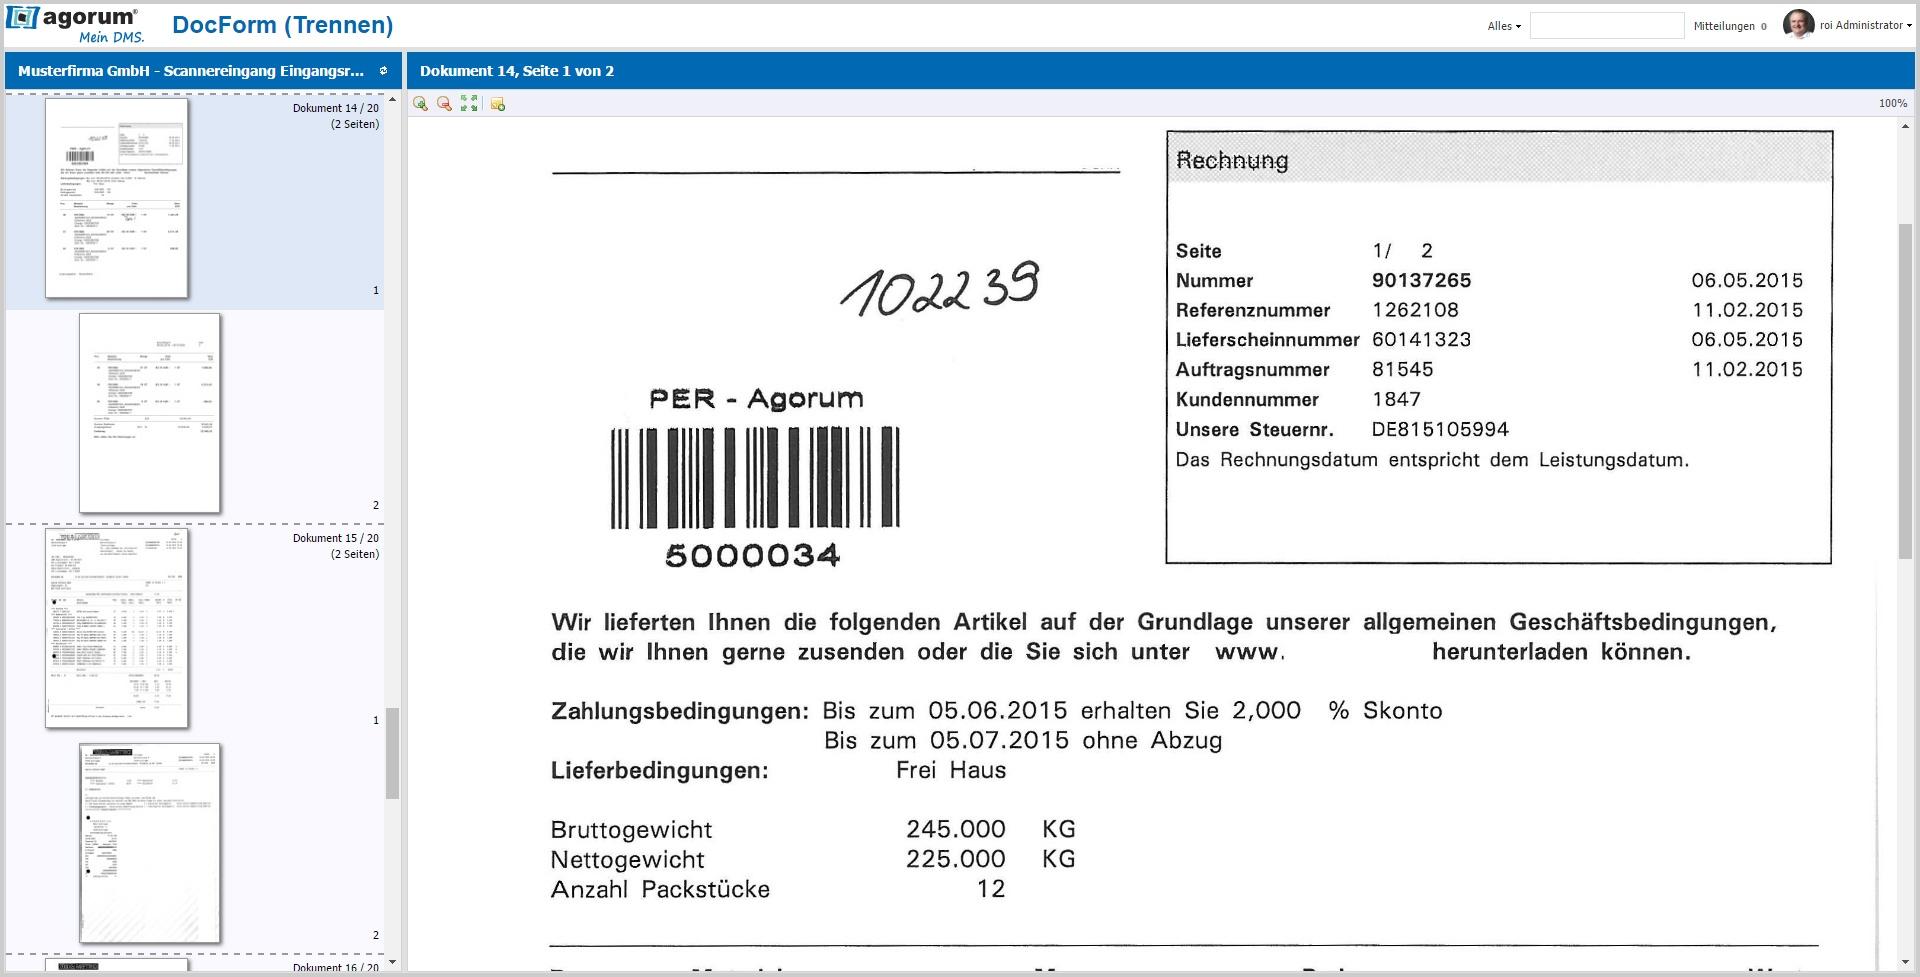 DocForm_Trennen_Barcode.jpg